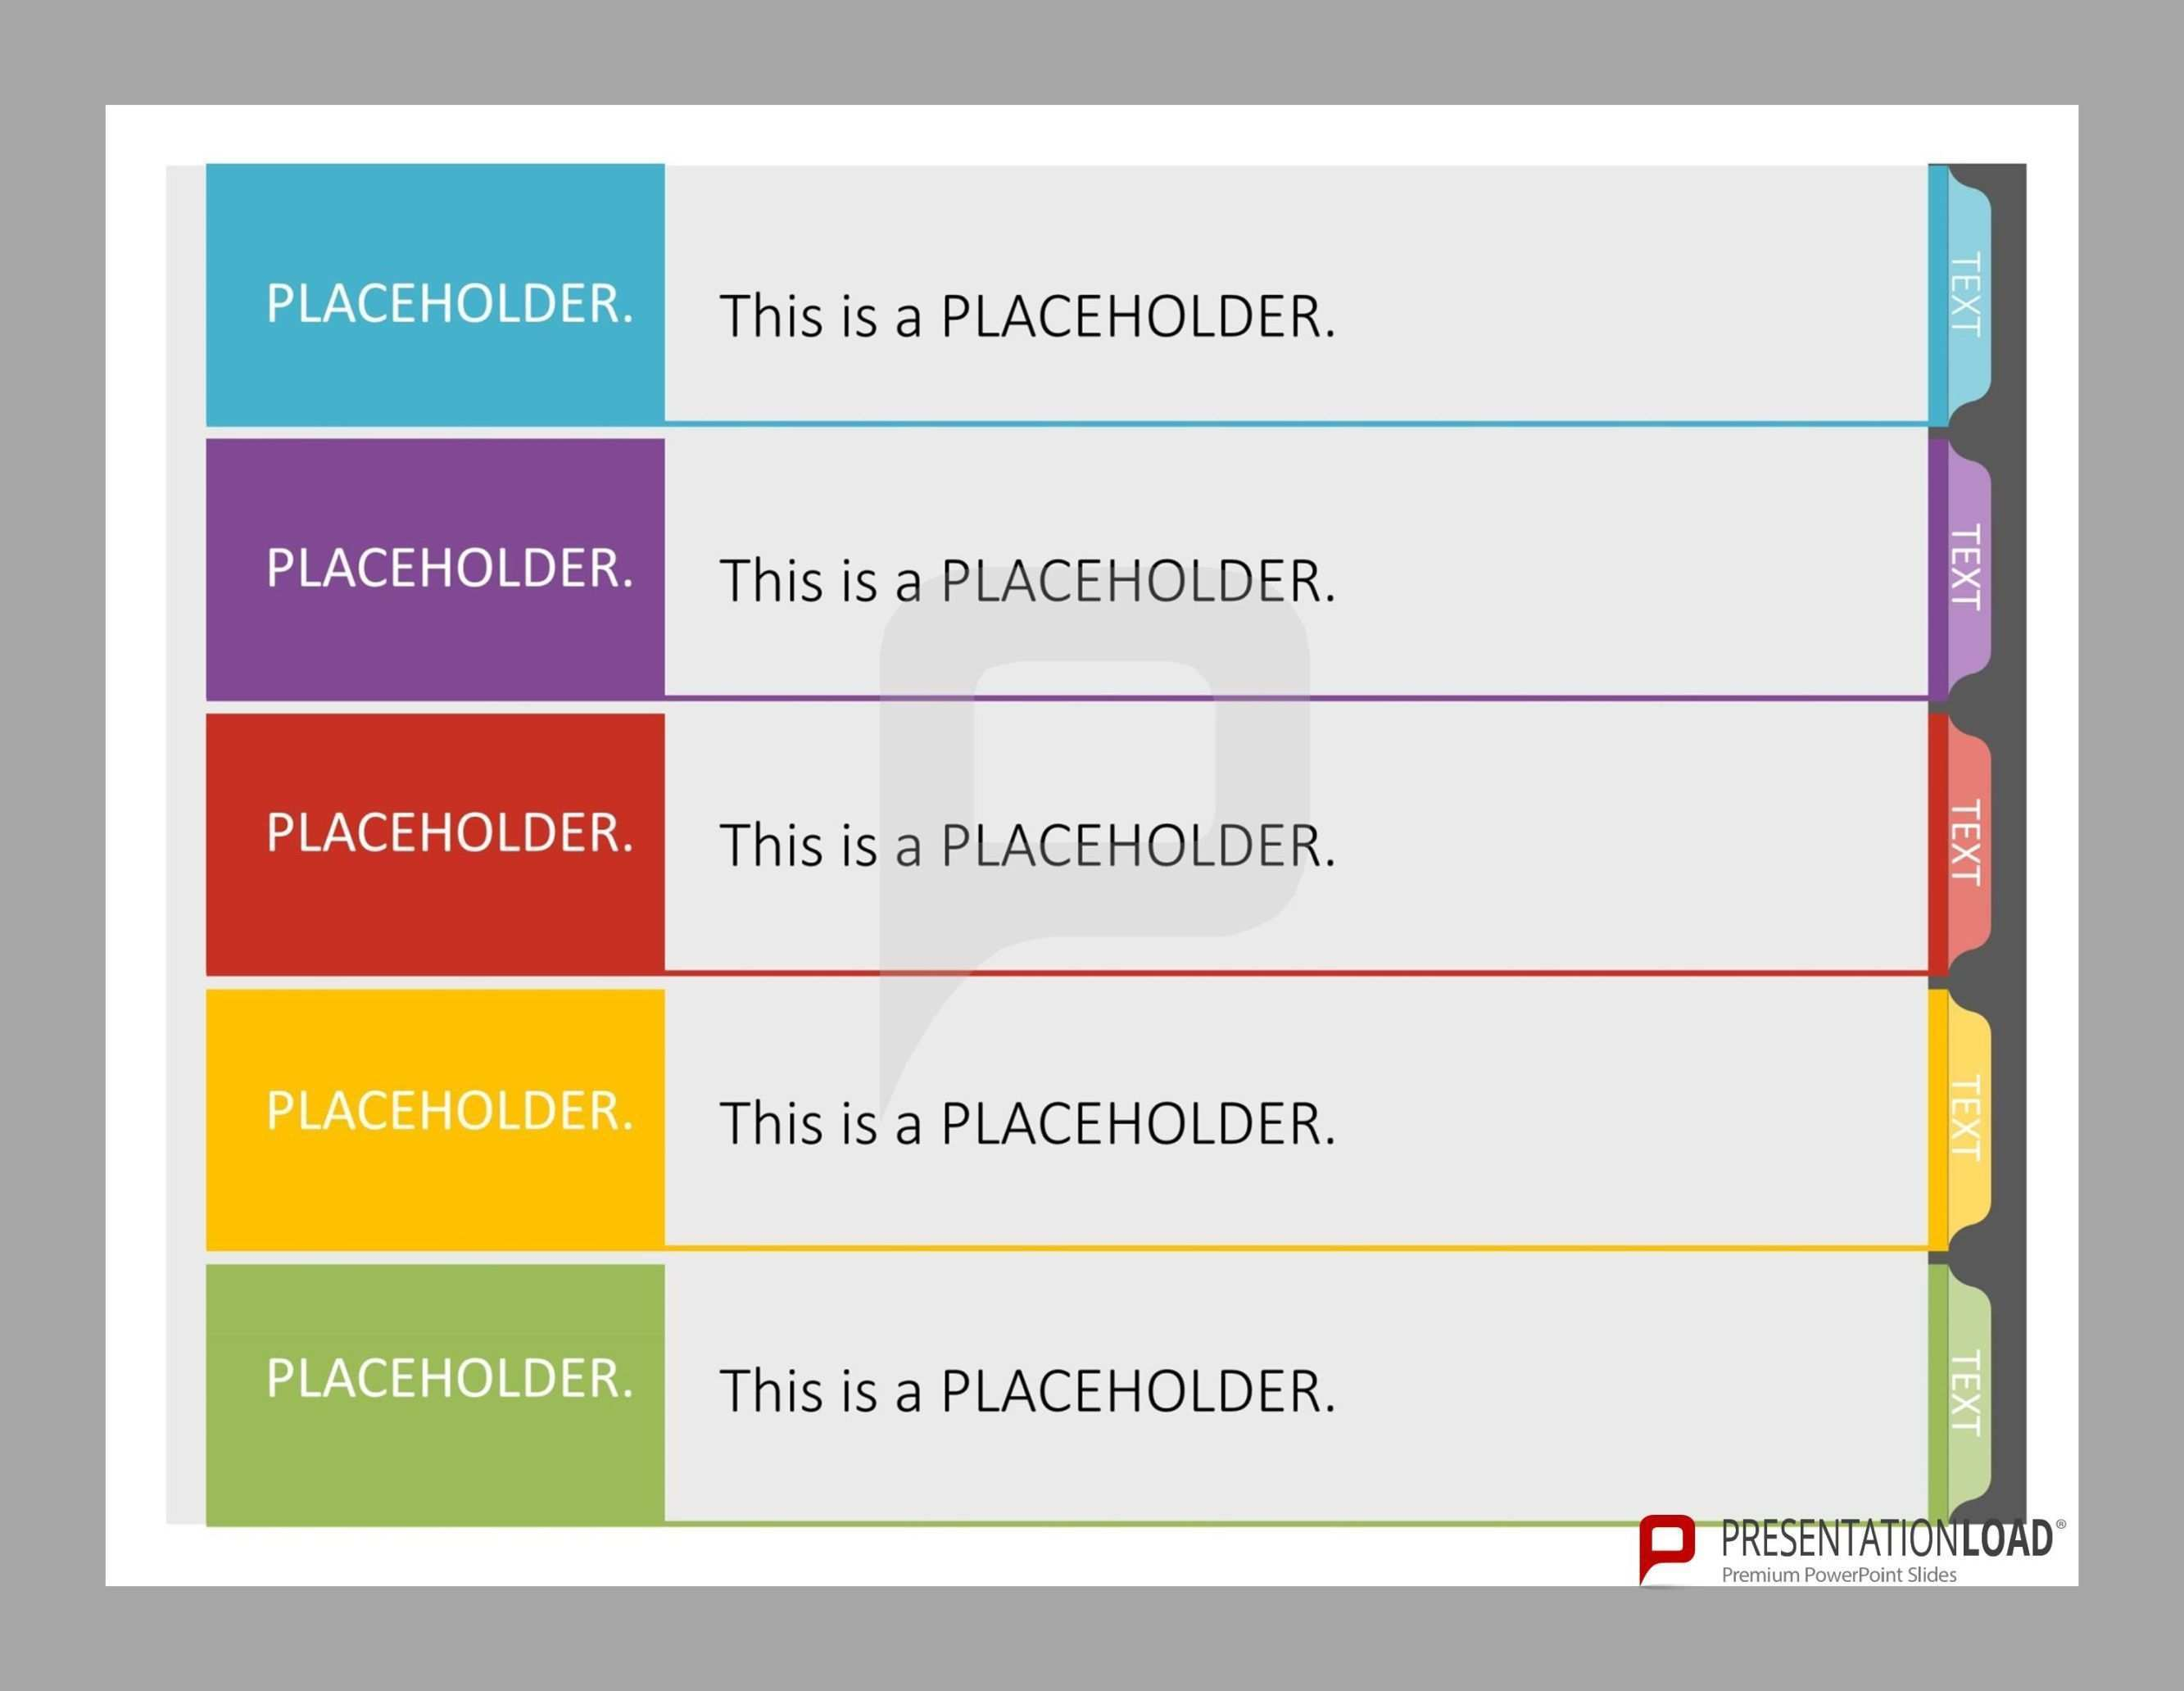 Akten Und Registerkarten Gehoren Bis Heute Zu Den Wichtigsten Hilfsmitteln Der Verwaltung Ebenso Praktisch Wo Powerpoint Design Templates Powerpoint Templates